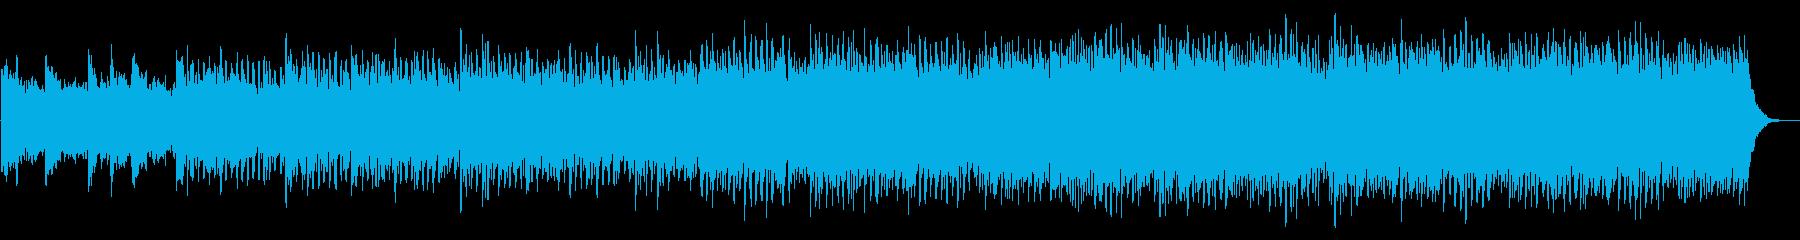 ピアノとシンセの導入向けアンビエントの再生済みの波形